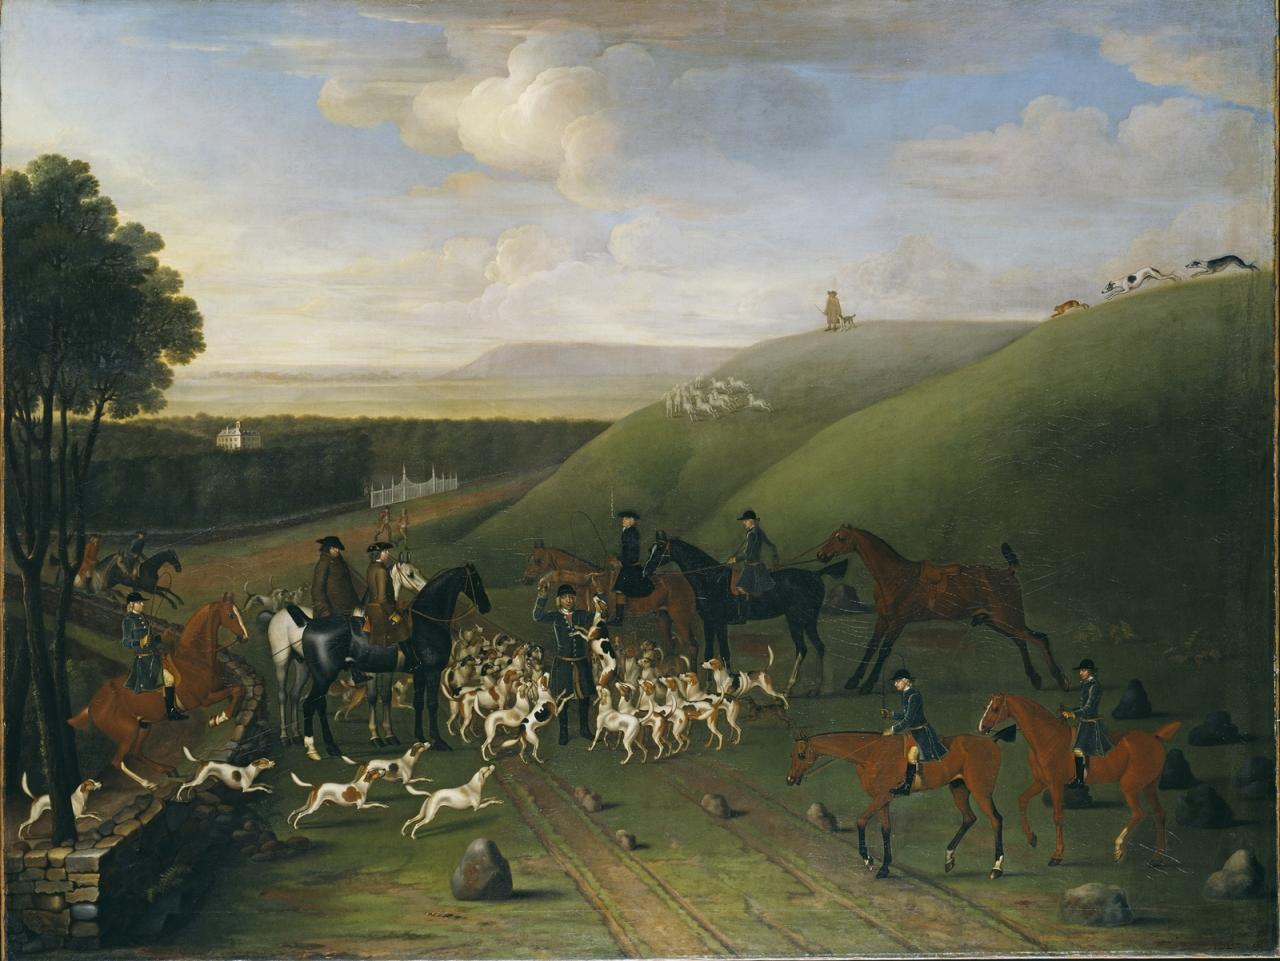 詹姆斯.西摩《在阿什道恩公园狩猎》的图片